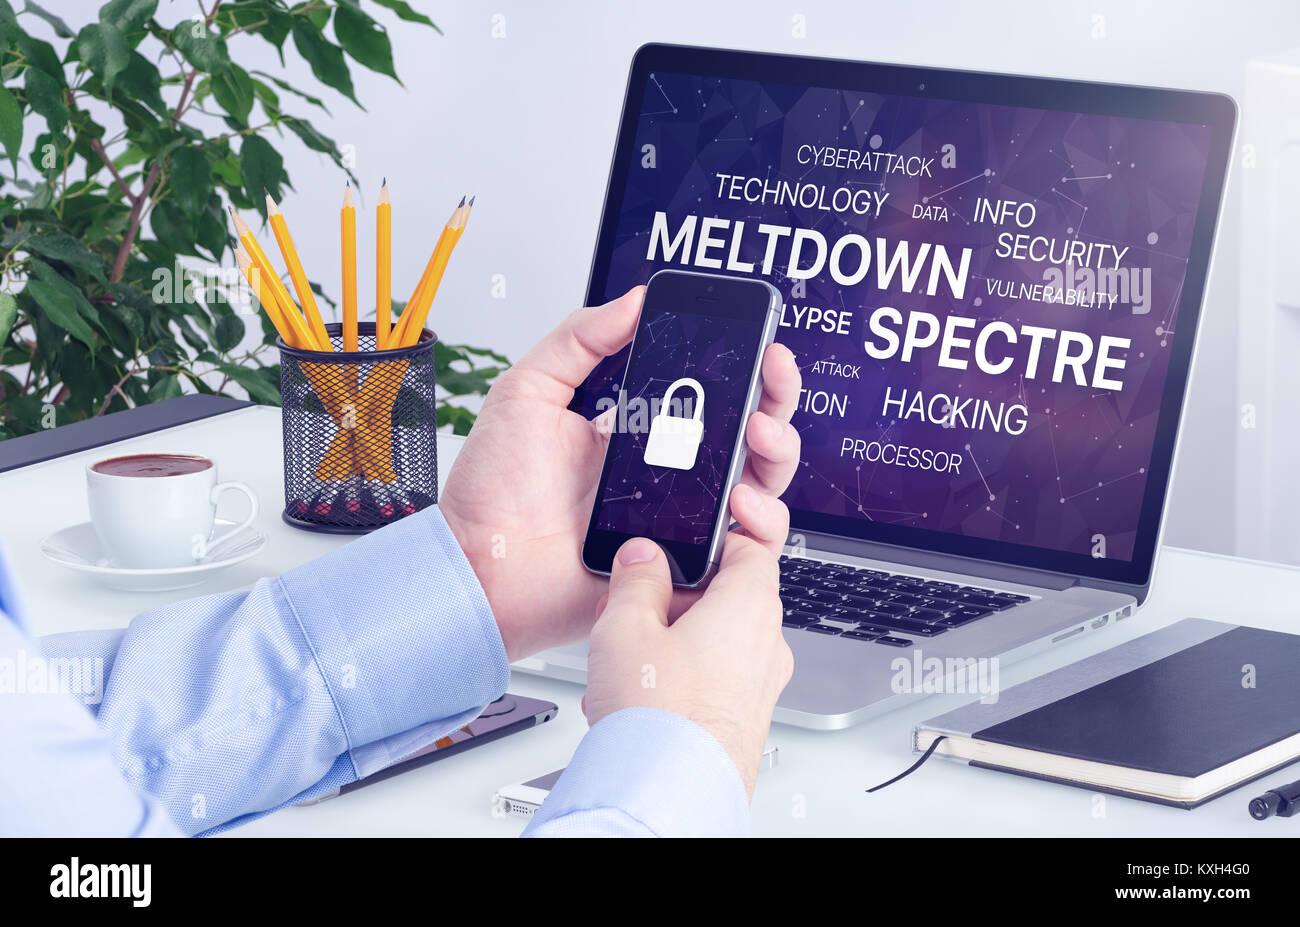 Meltdown et spectre menace concept sur ordinateur portable et l'écran du smartphone. Photo Stock